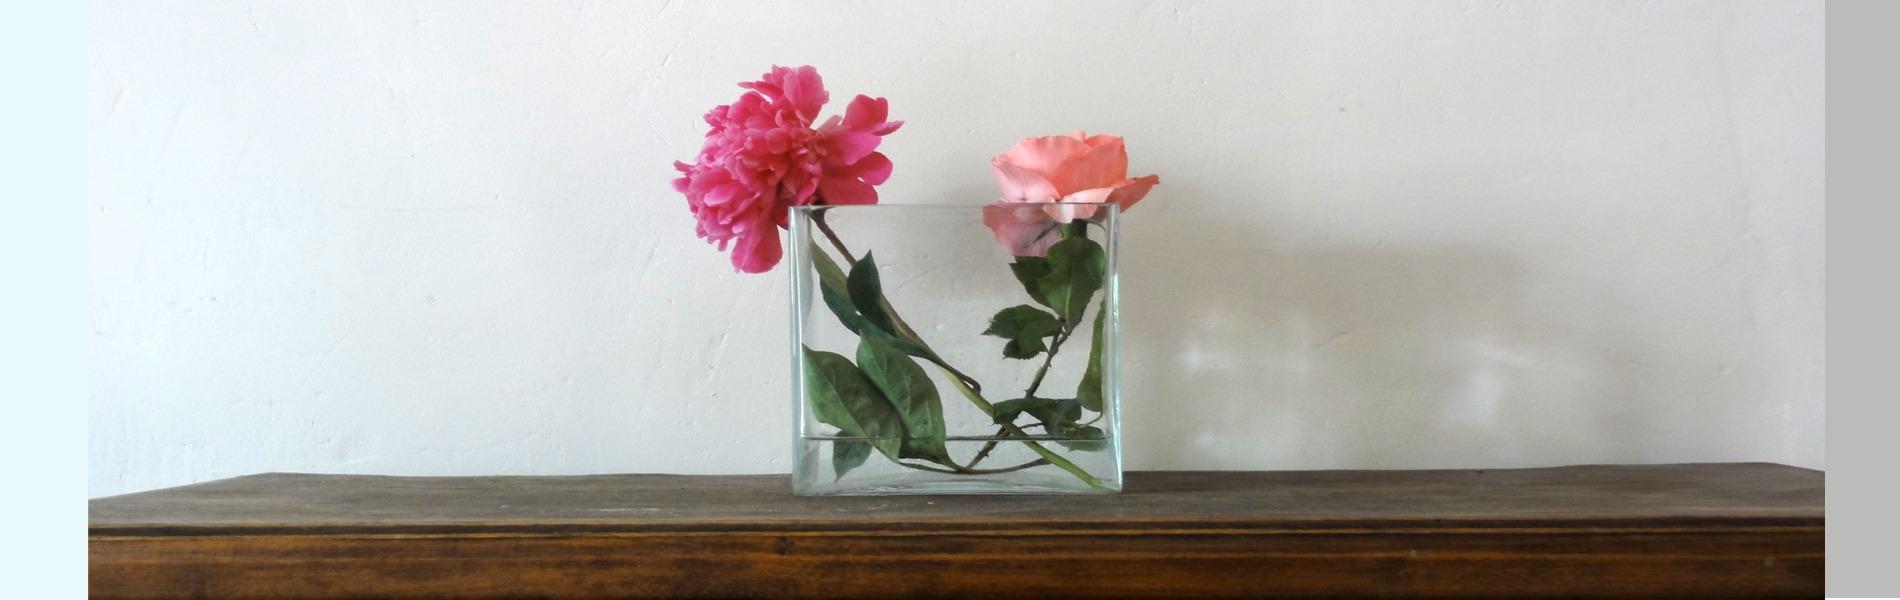 accubak met rozen op kast